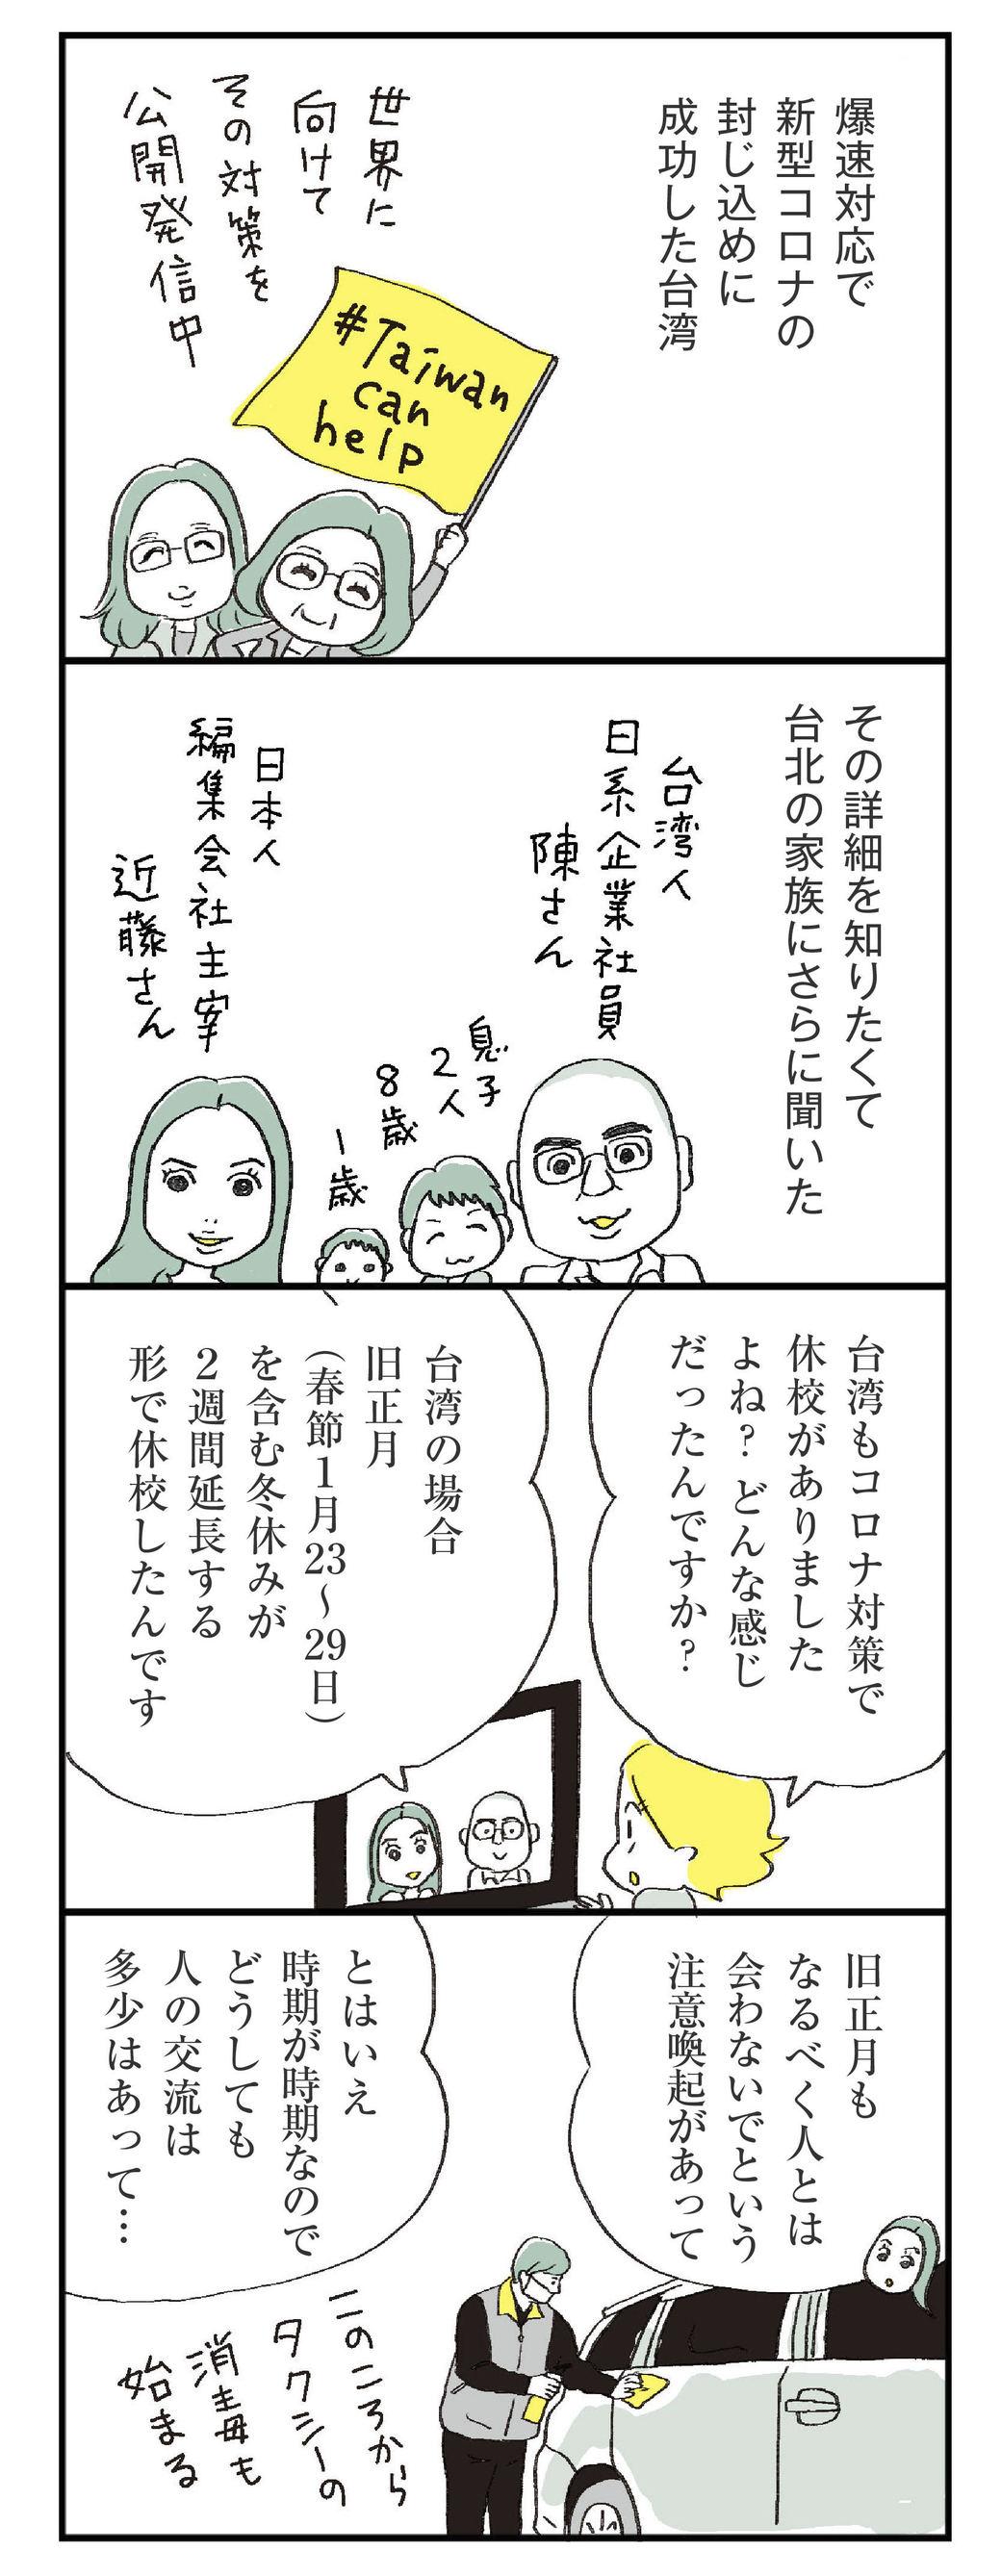 台湾 コロナ 状況